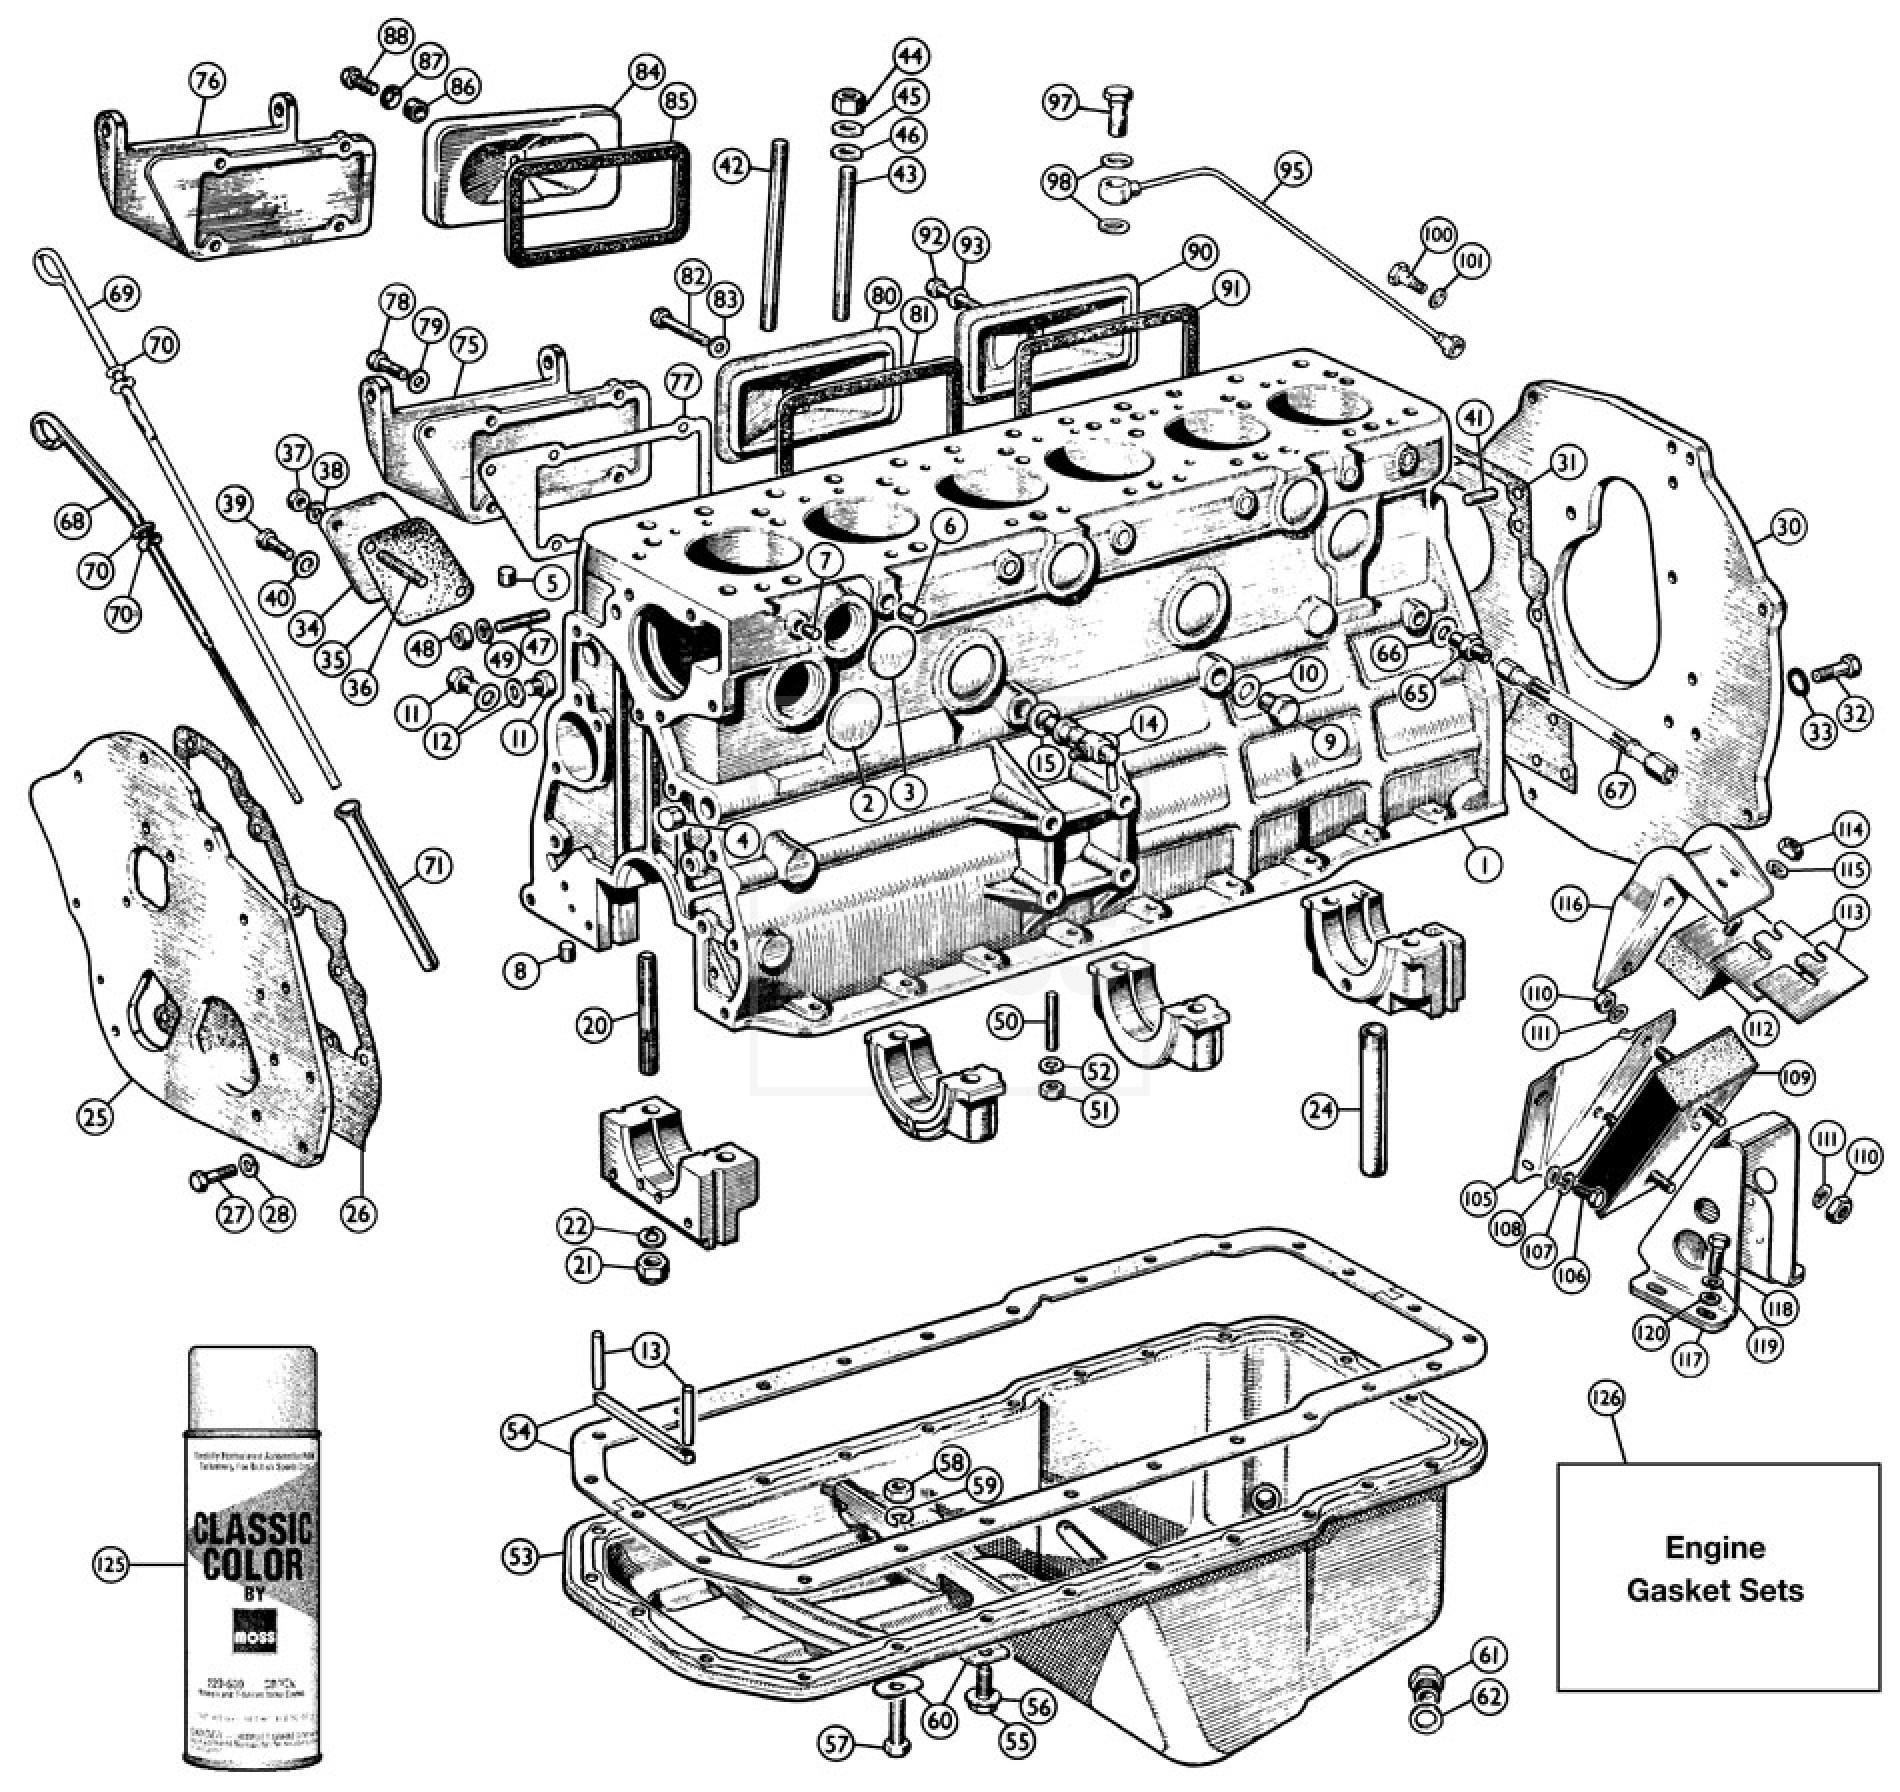 External Engine